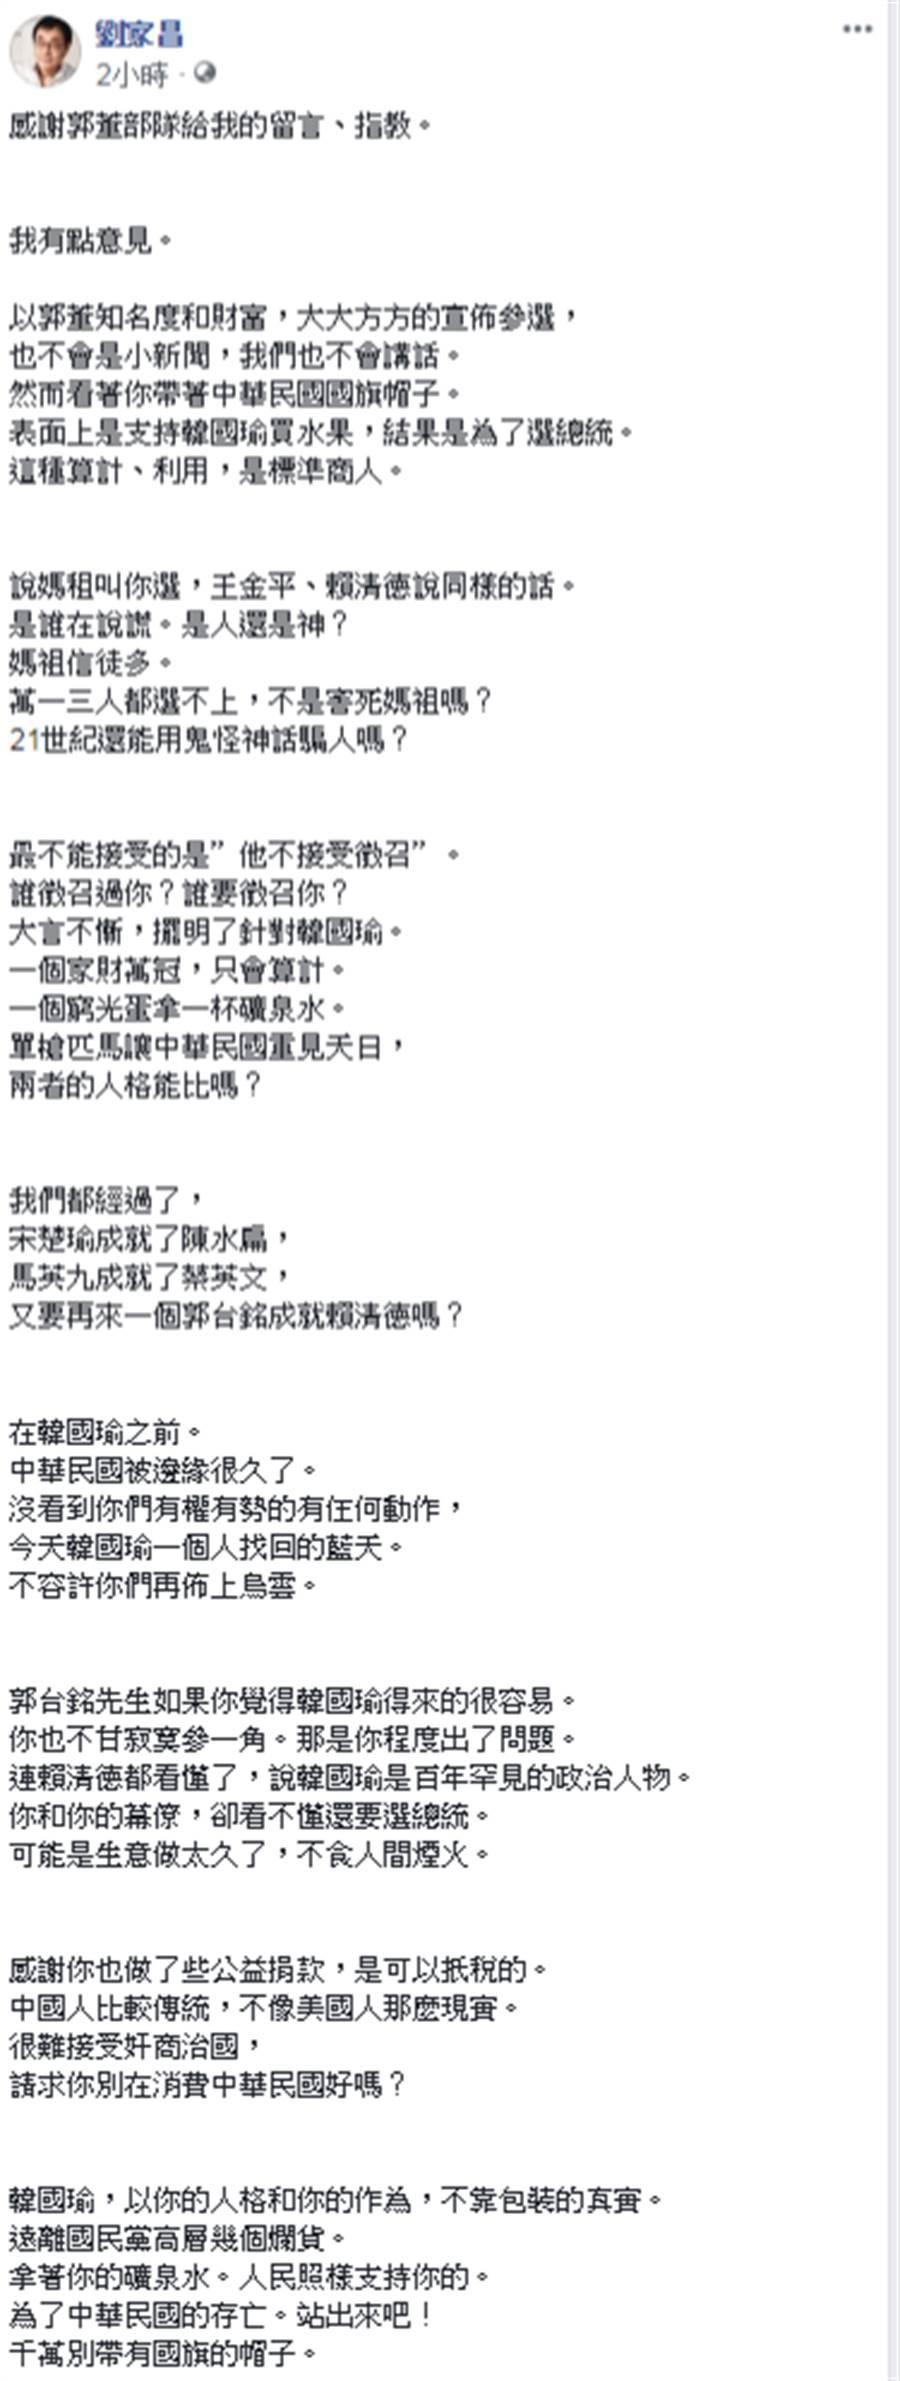 劉家昌臉書PO文。(圖/劉家昌臉書)